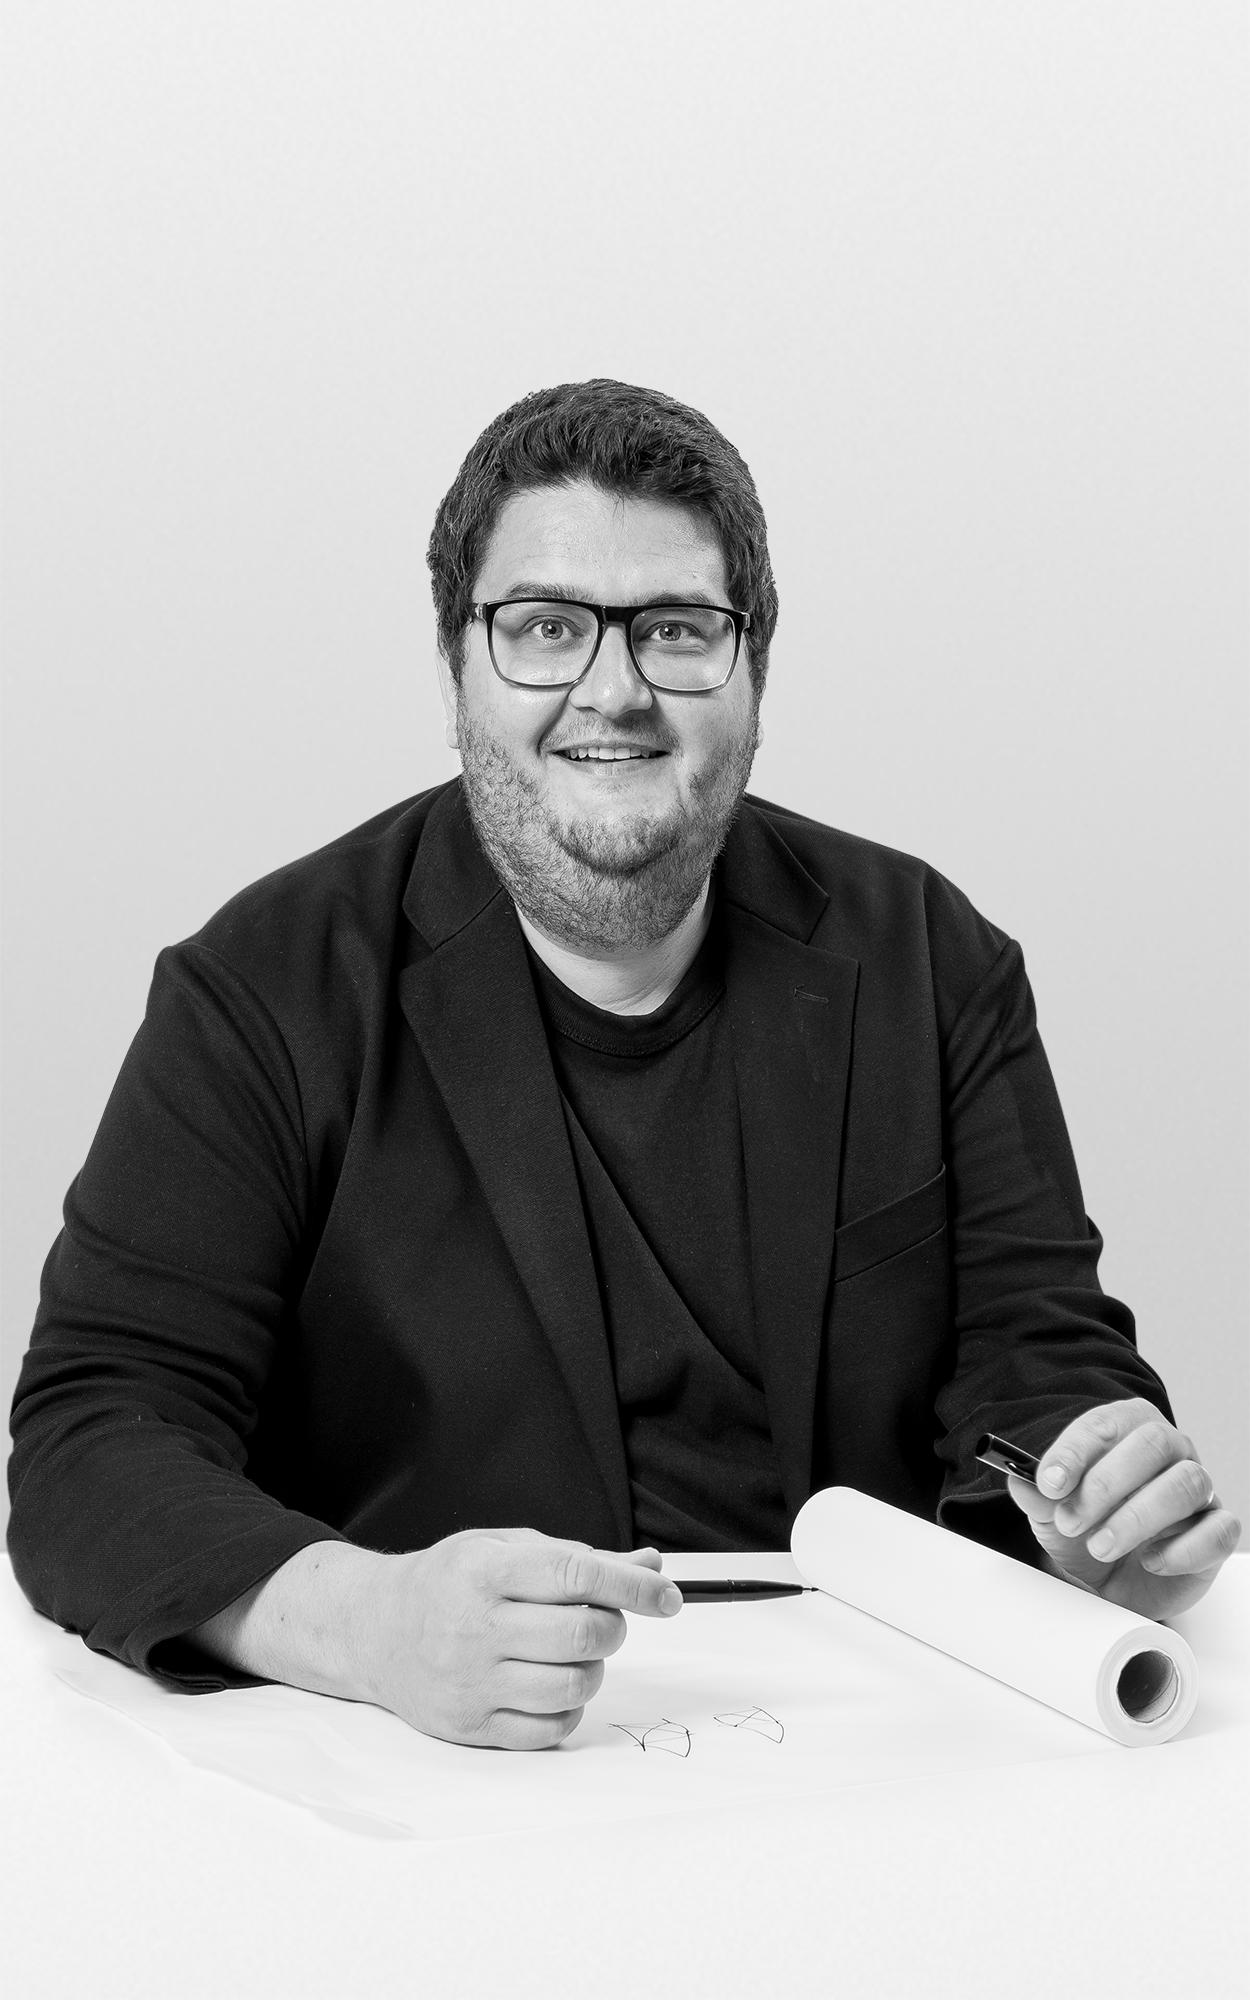 Christian Kirschenmann